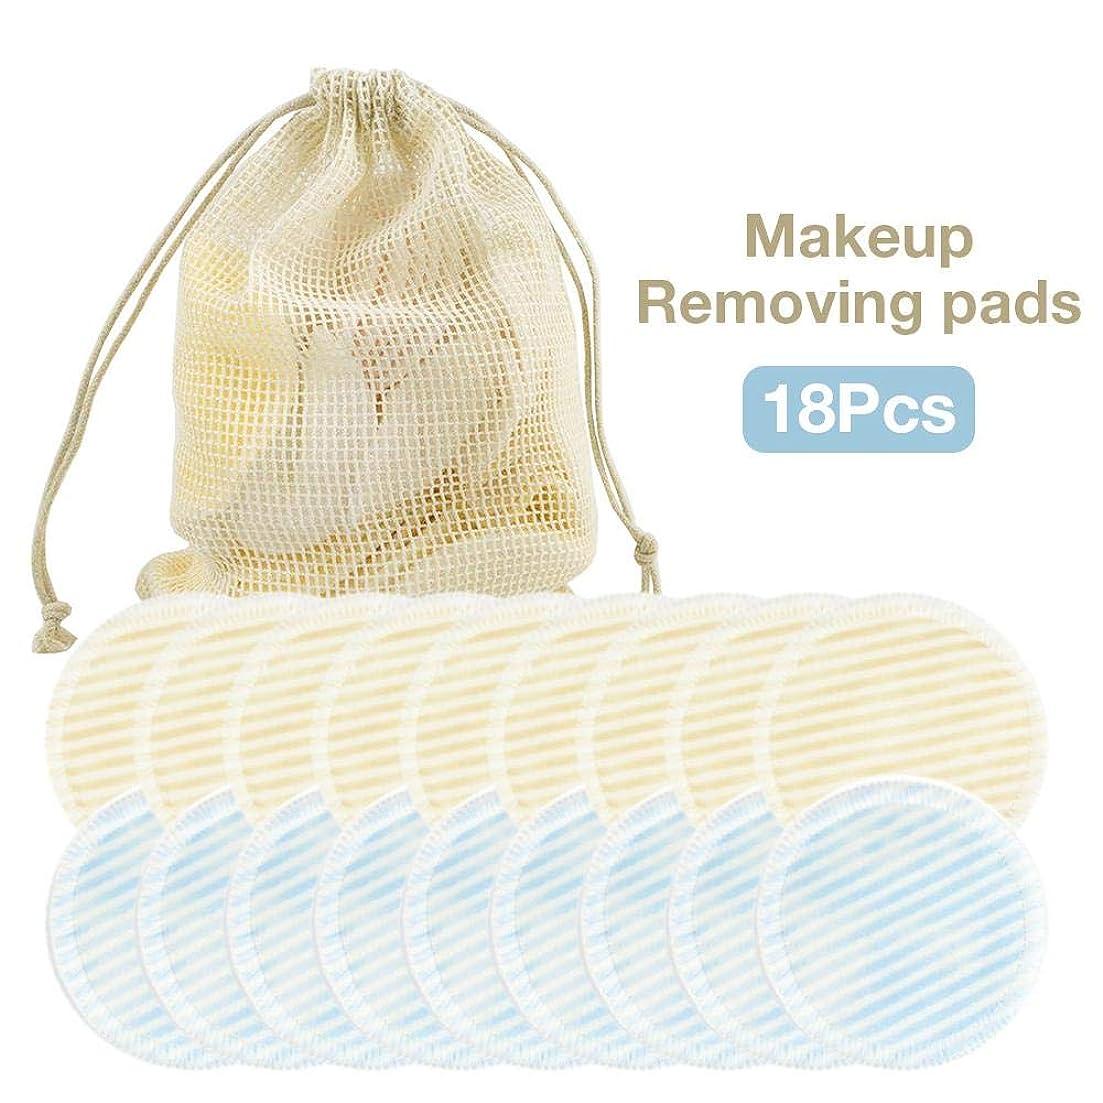 嵐の寄託亜熱帯コットンパッド、18個のクレンジングコットン再利用可能な竹化粧リムーバーパッド、洗えるとすべての肌タイプの環境に優しいフェイスクリーナーとアイメイクアップリムーバーパッド